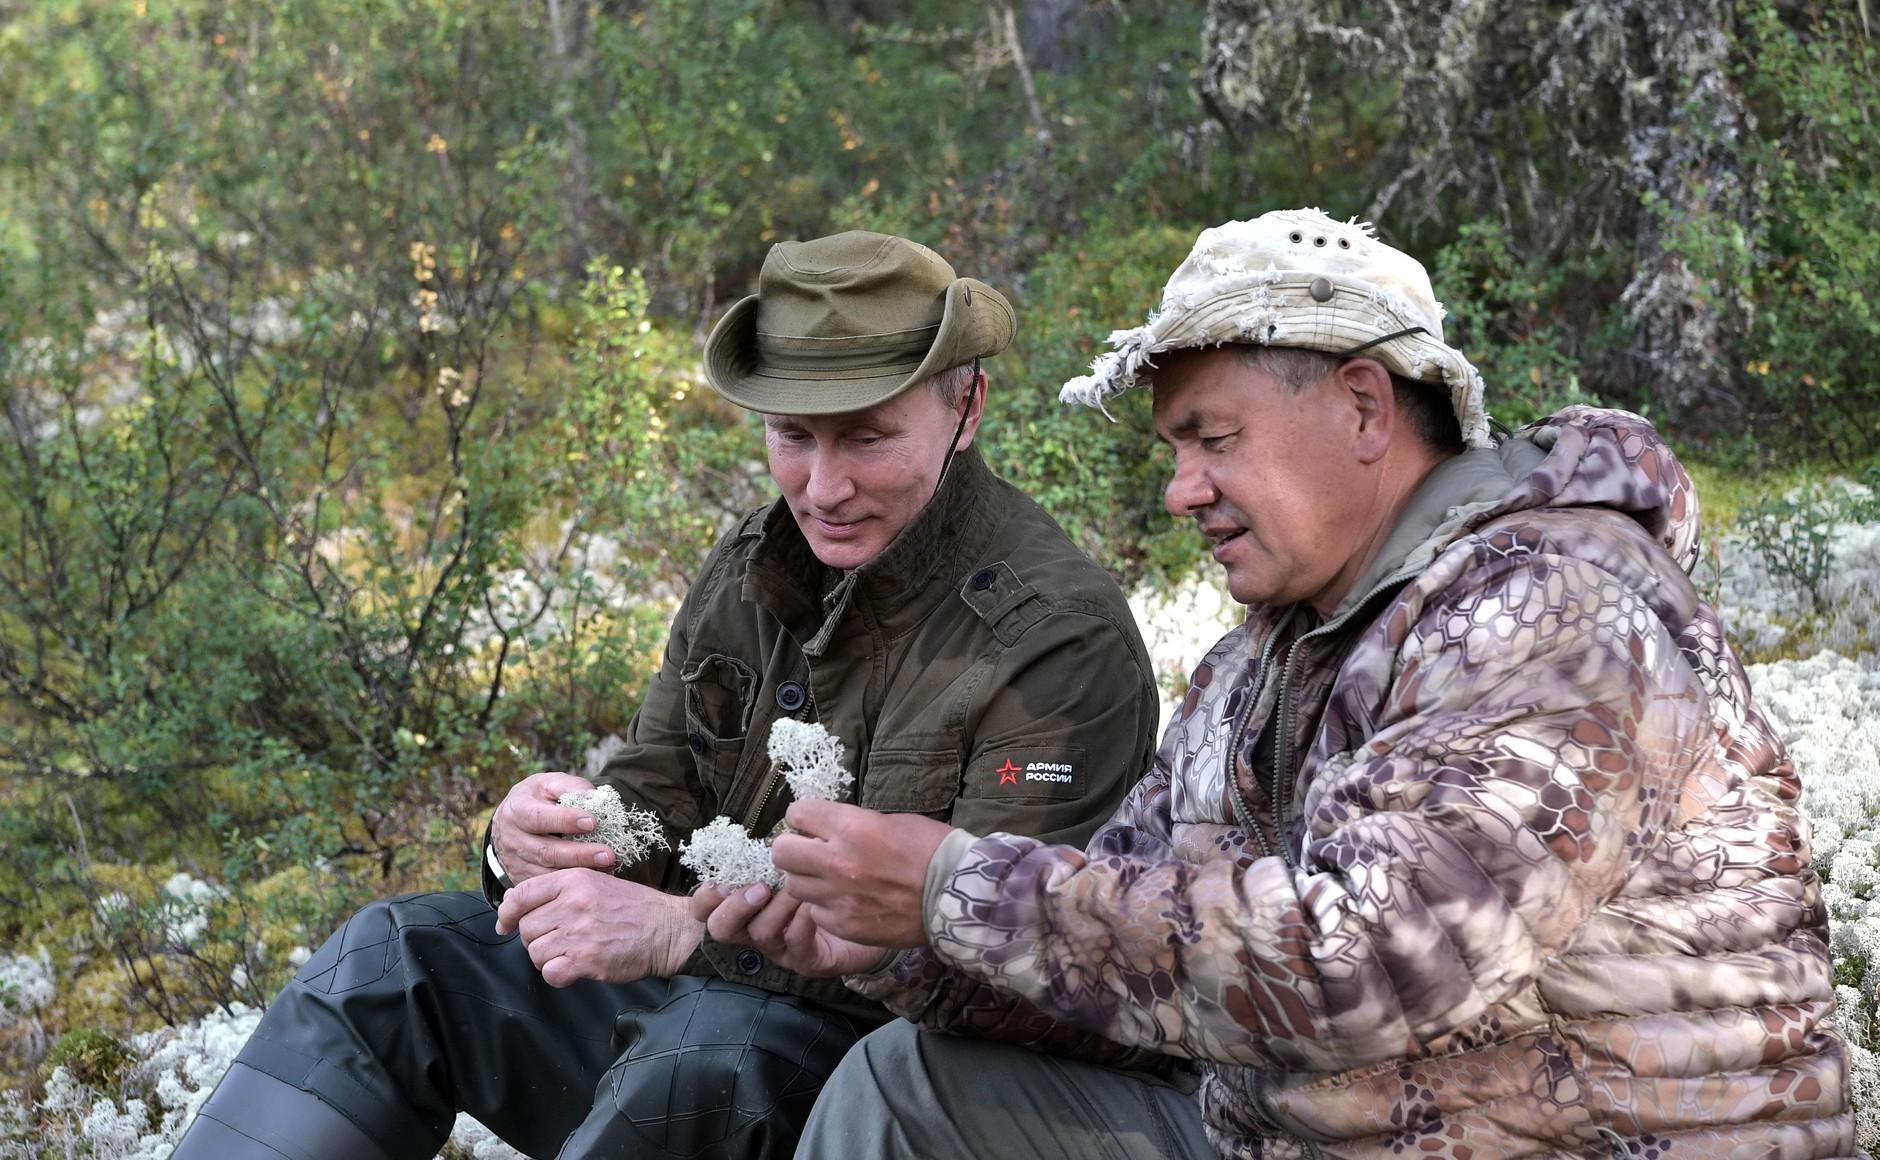 Владимир Путин и Сергей Шойгу на рыбалке и подводной охоте 1-3 августа 2017 года Тыва